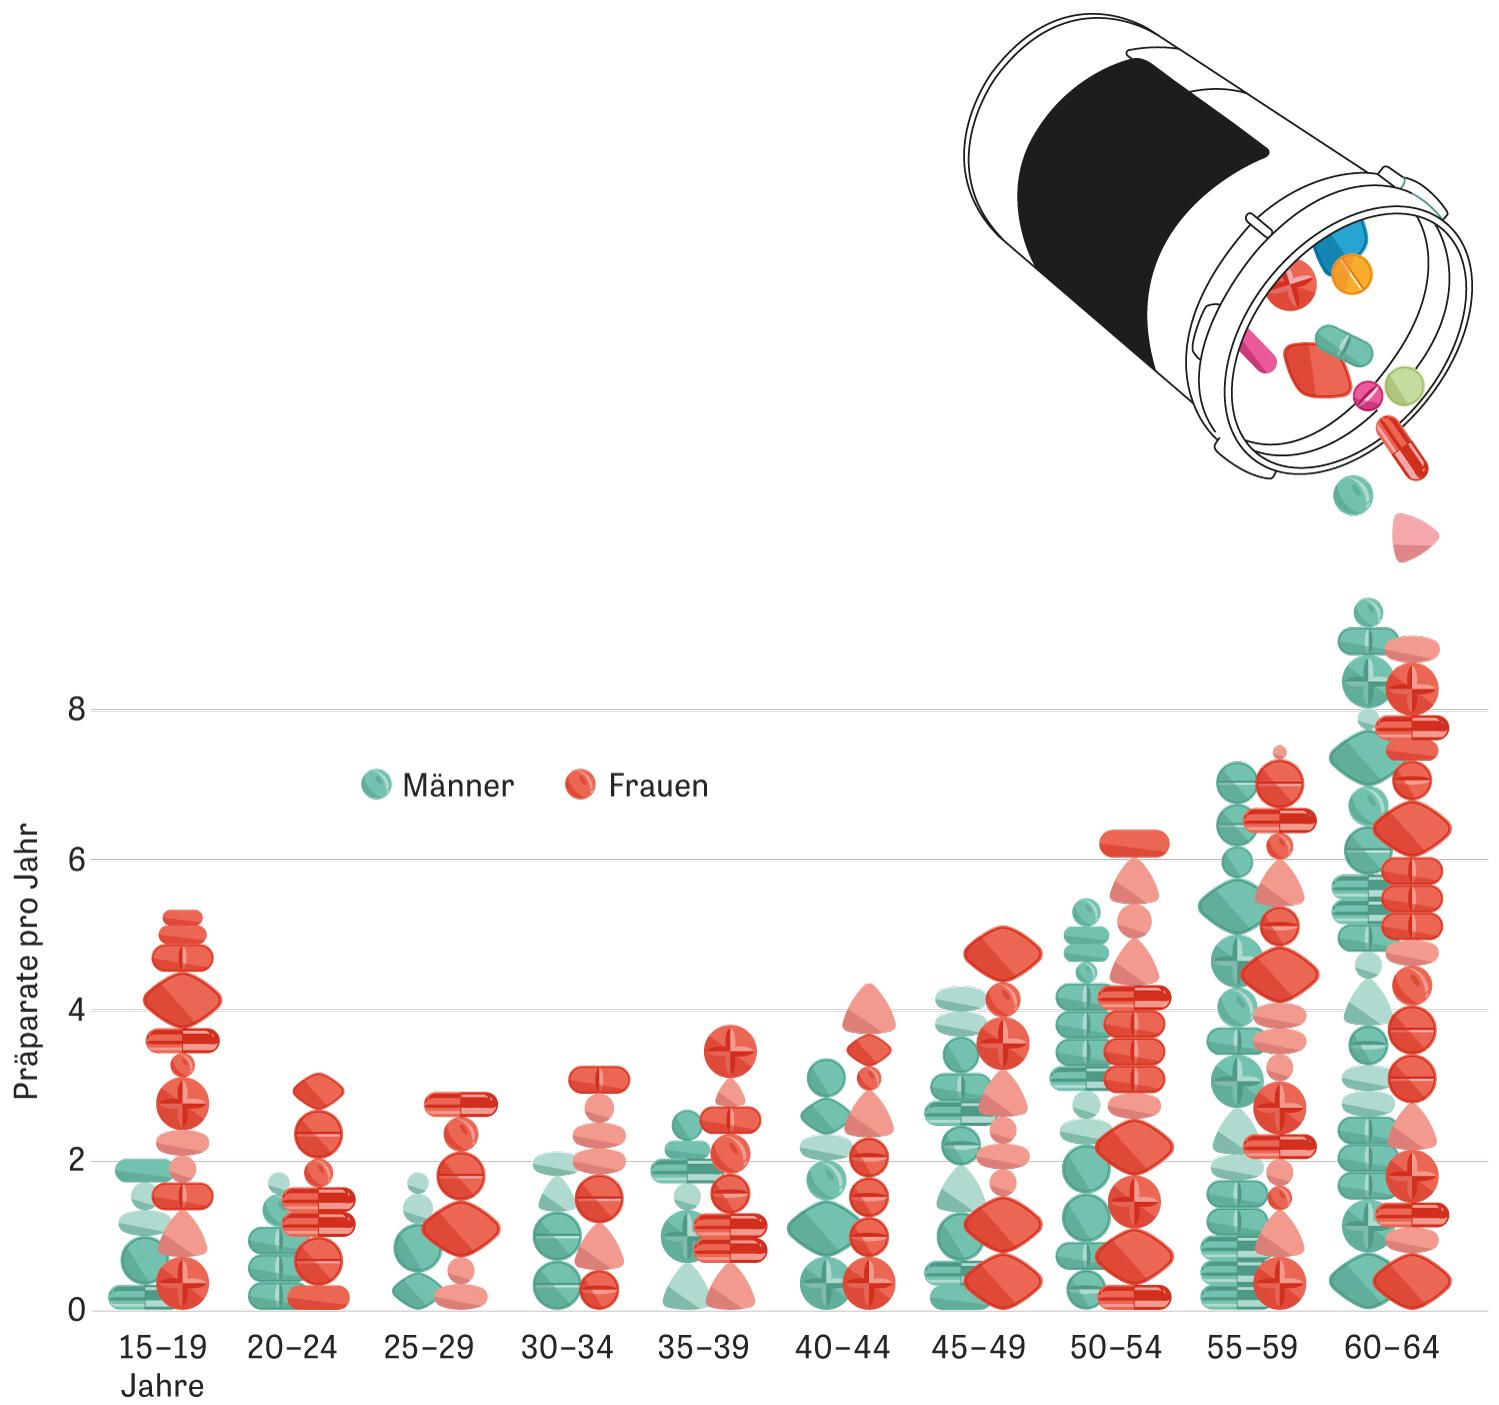 Medikamente: Männer im Alter von 60 bis 64 Jahren bekamen mit durchschnittlich 9,5 Präparaten pro Person die meisten Medikamente verordnet (angegeben ist die Anzahl der Präparate pro Erwerbsperson im Jahr 2018).